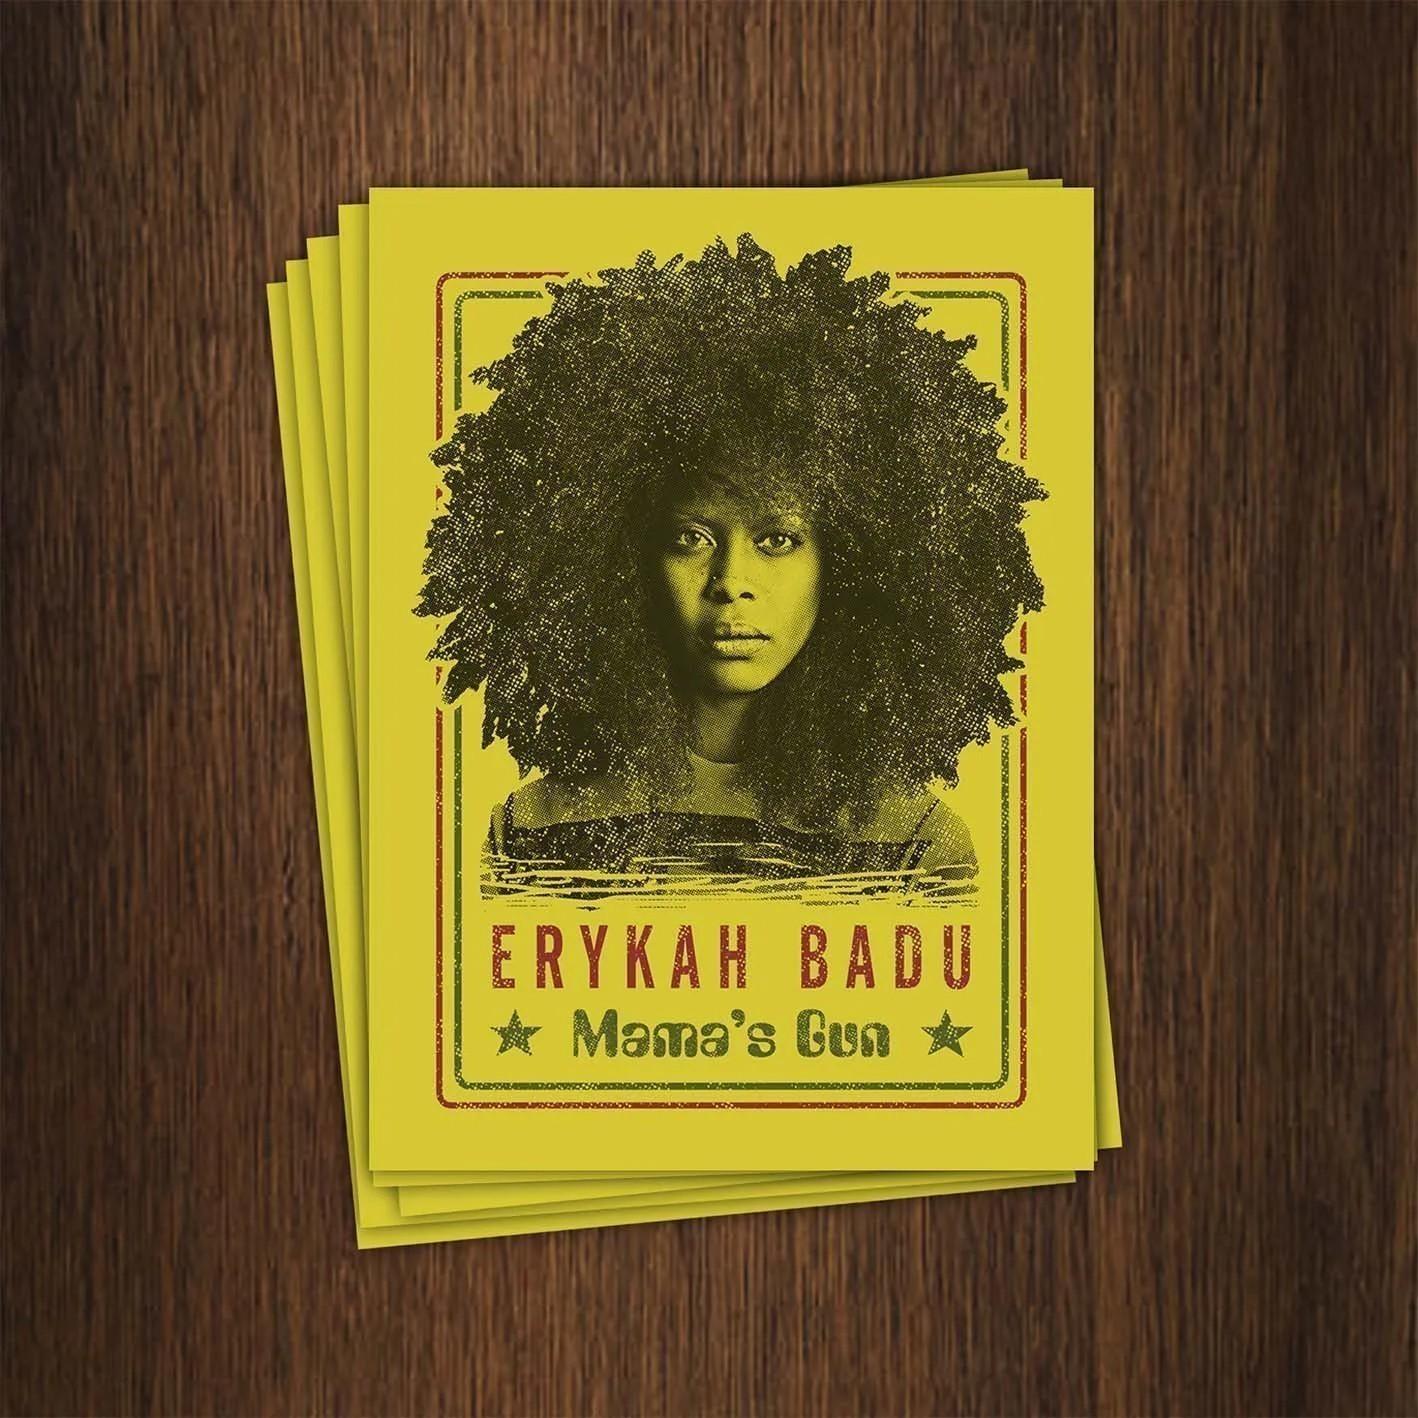 Adesivo 7x9,5cm - Erykah Badu